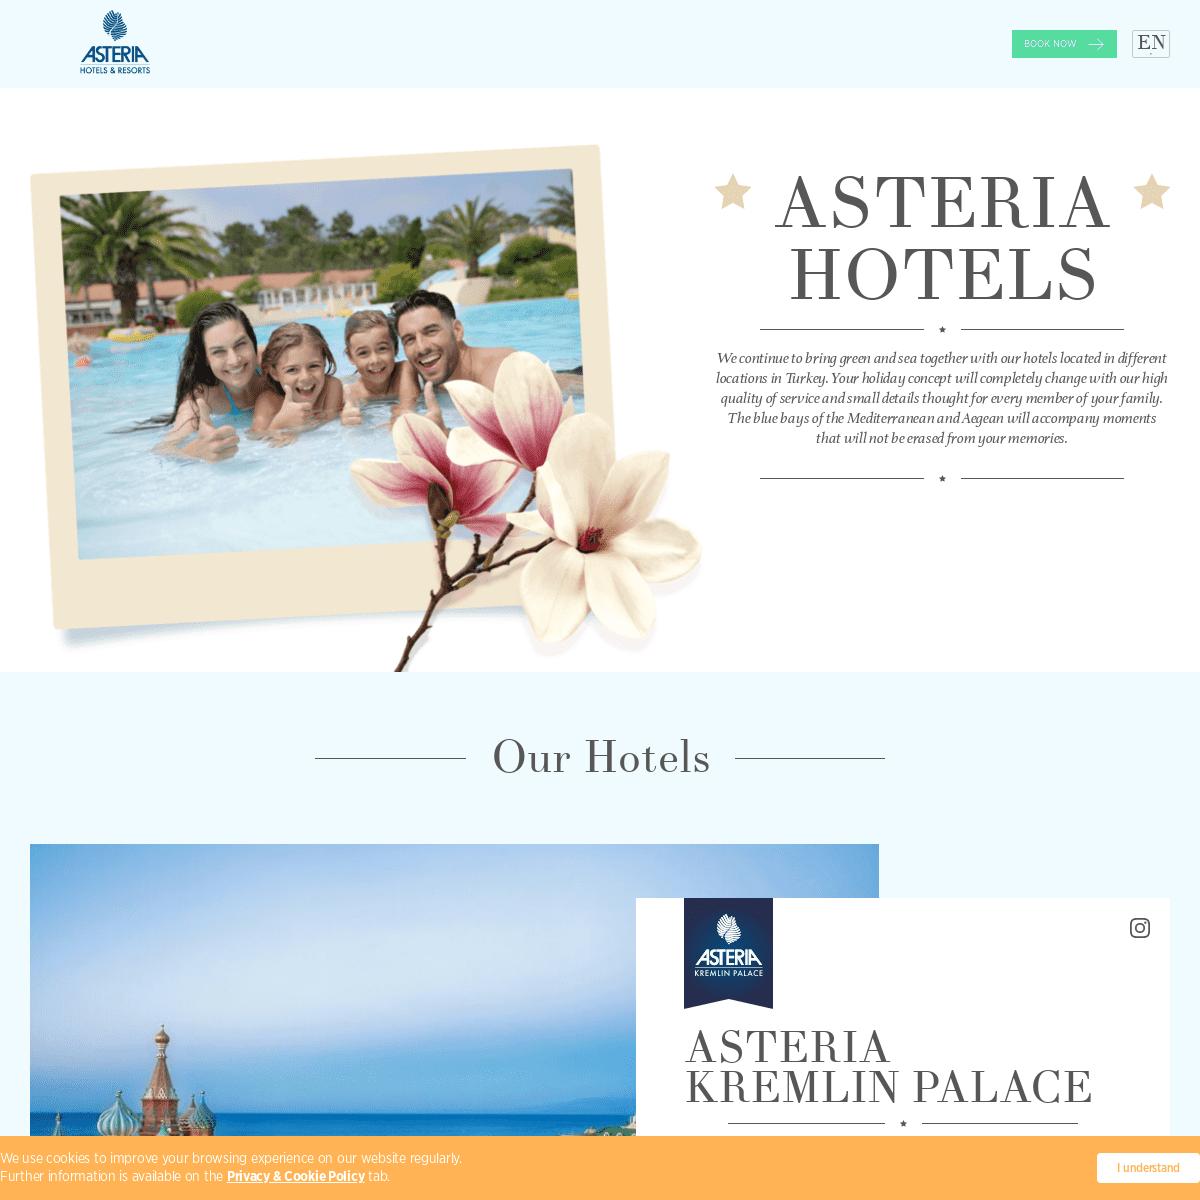 ASTERIA HOTELS